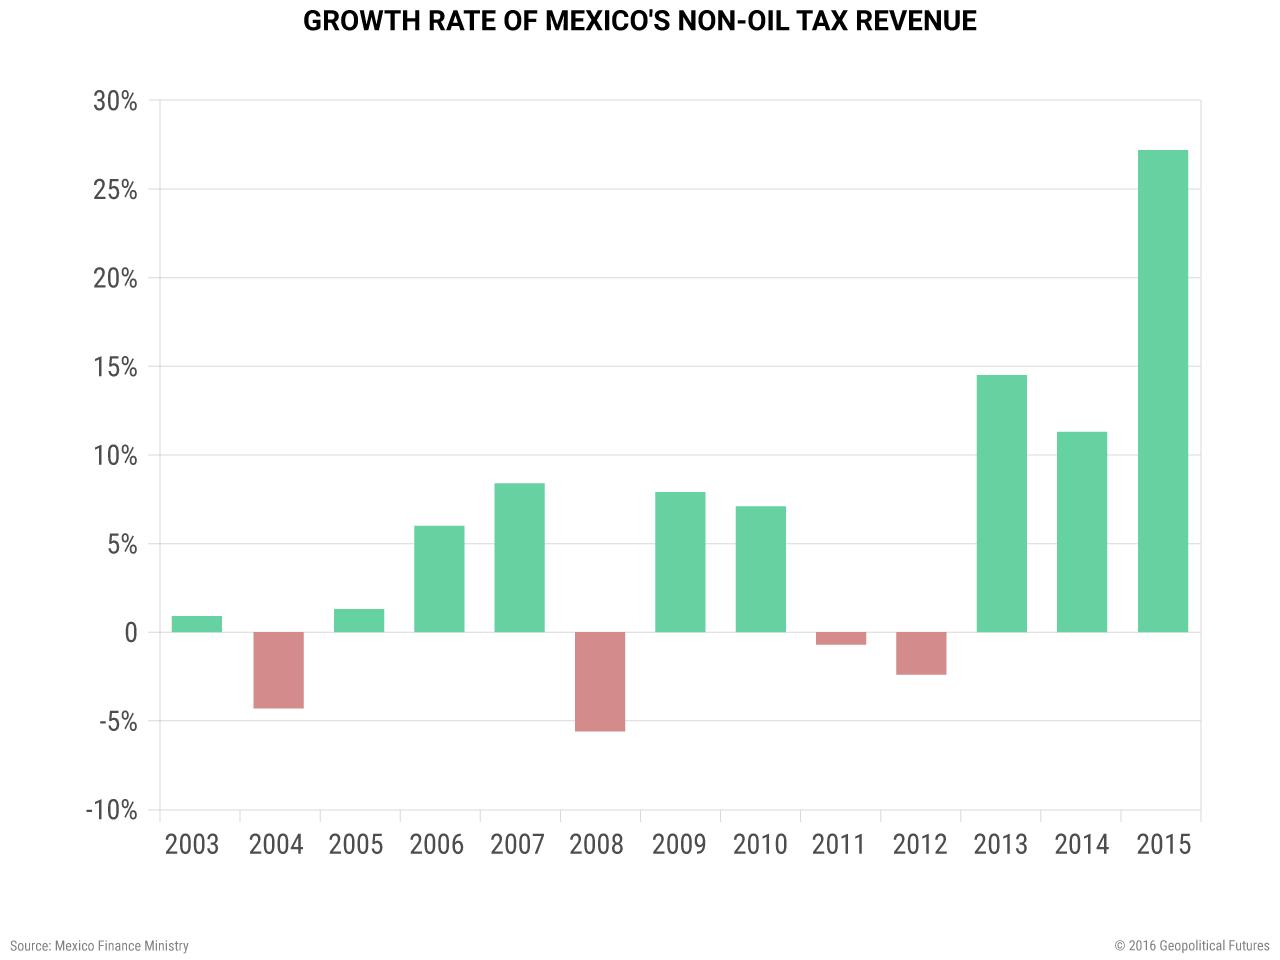 latam-growth-rate-mexico-non-oil-tax-revenue